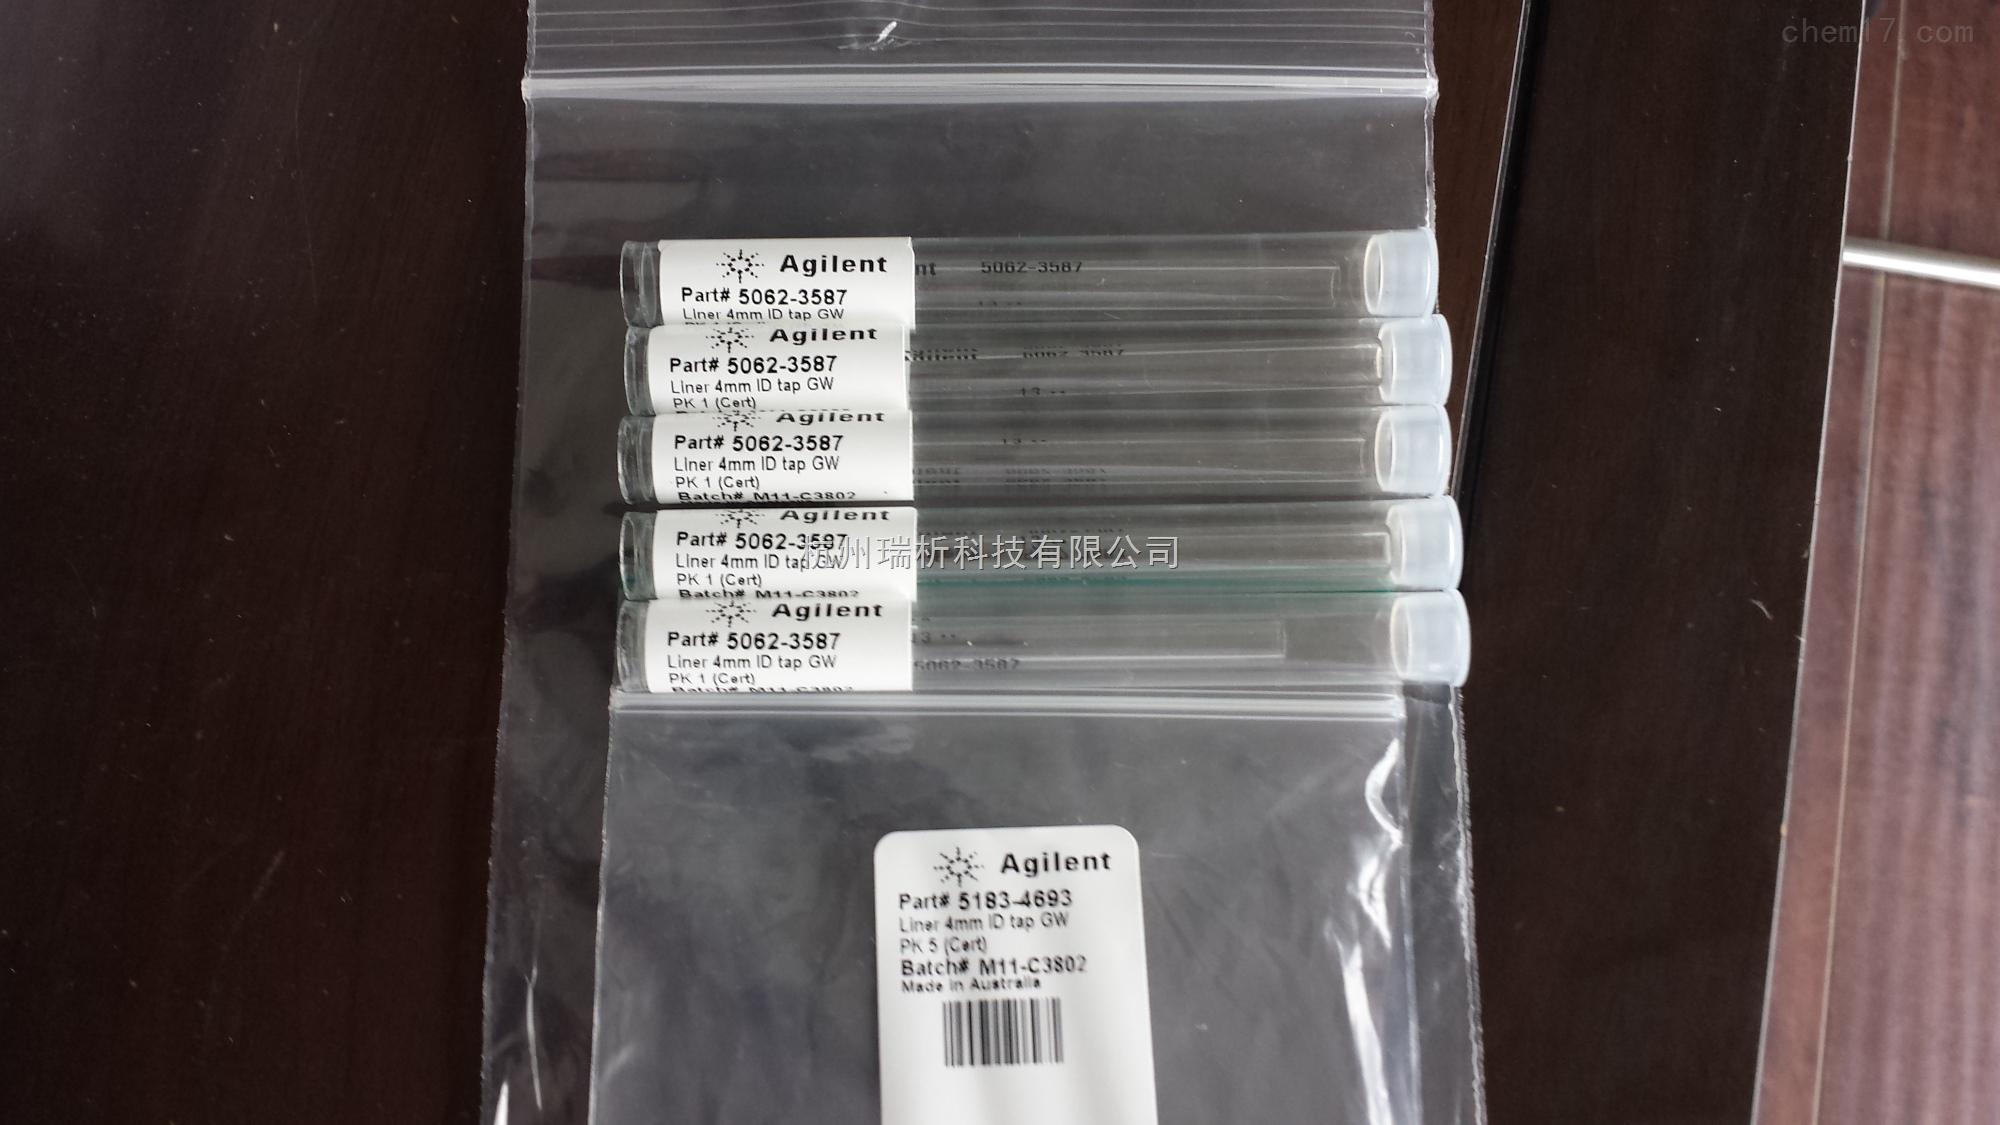 5183-4693色谱柱液相色谱柱5183-4693(5062-3587)衬管